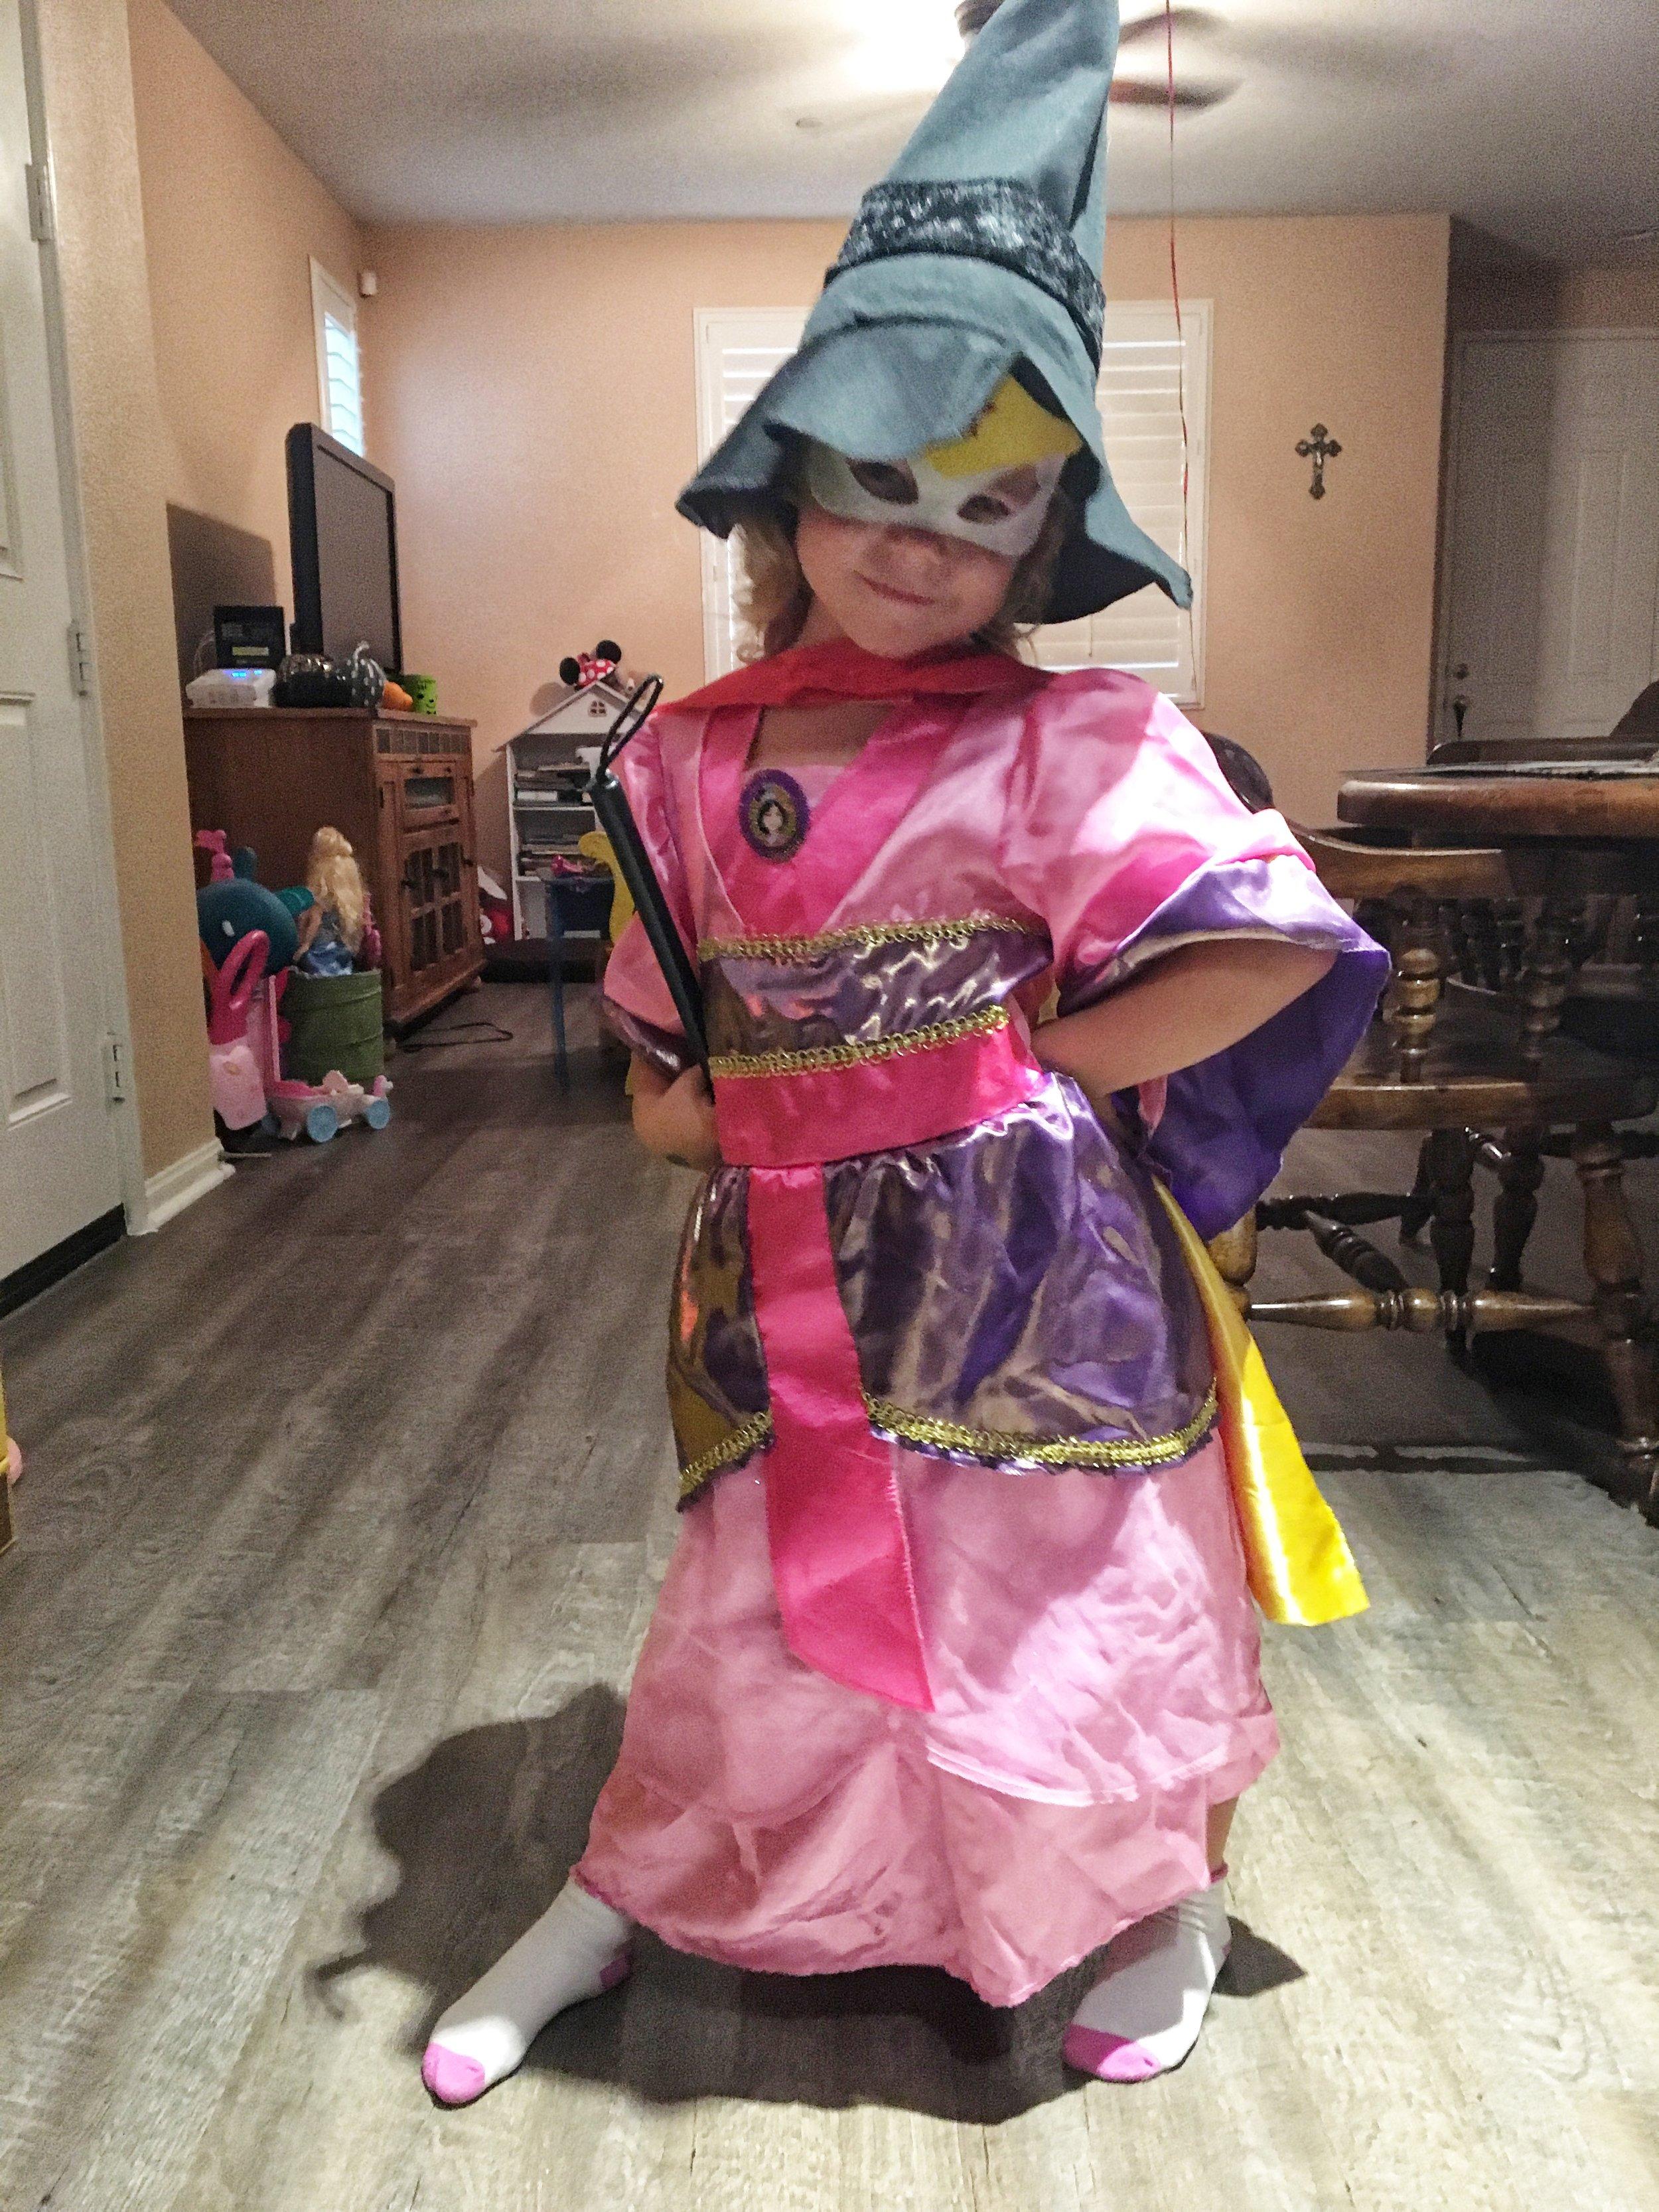 The Mulan Superhero Princess